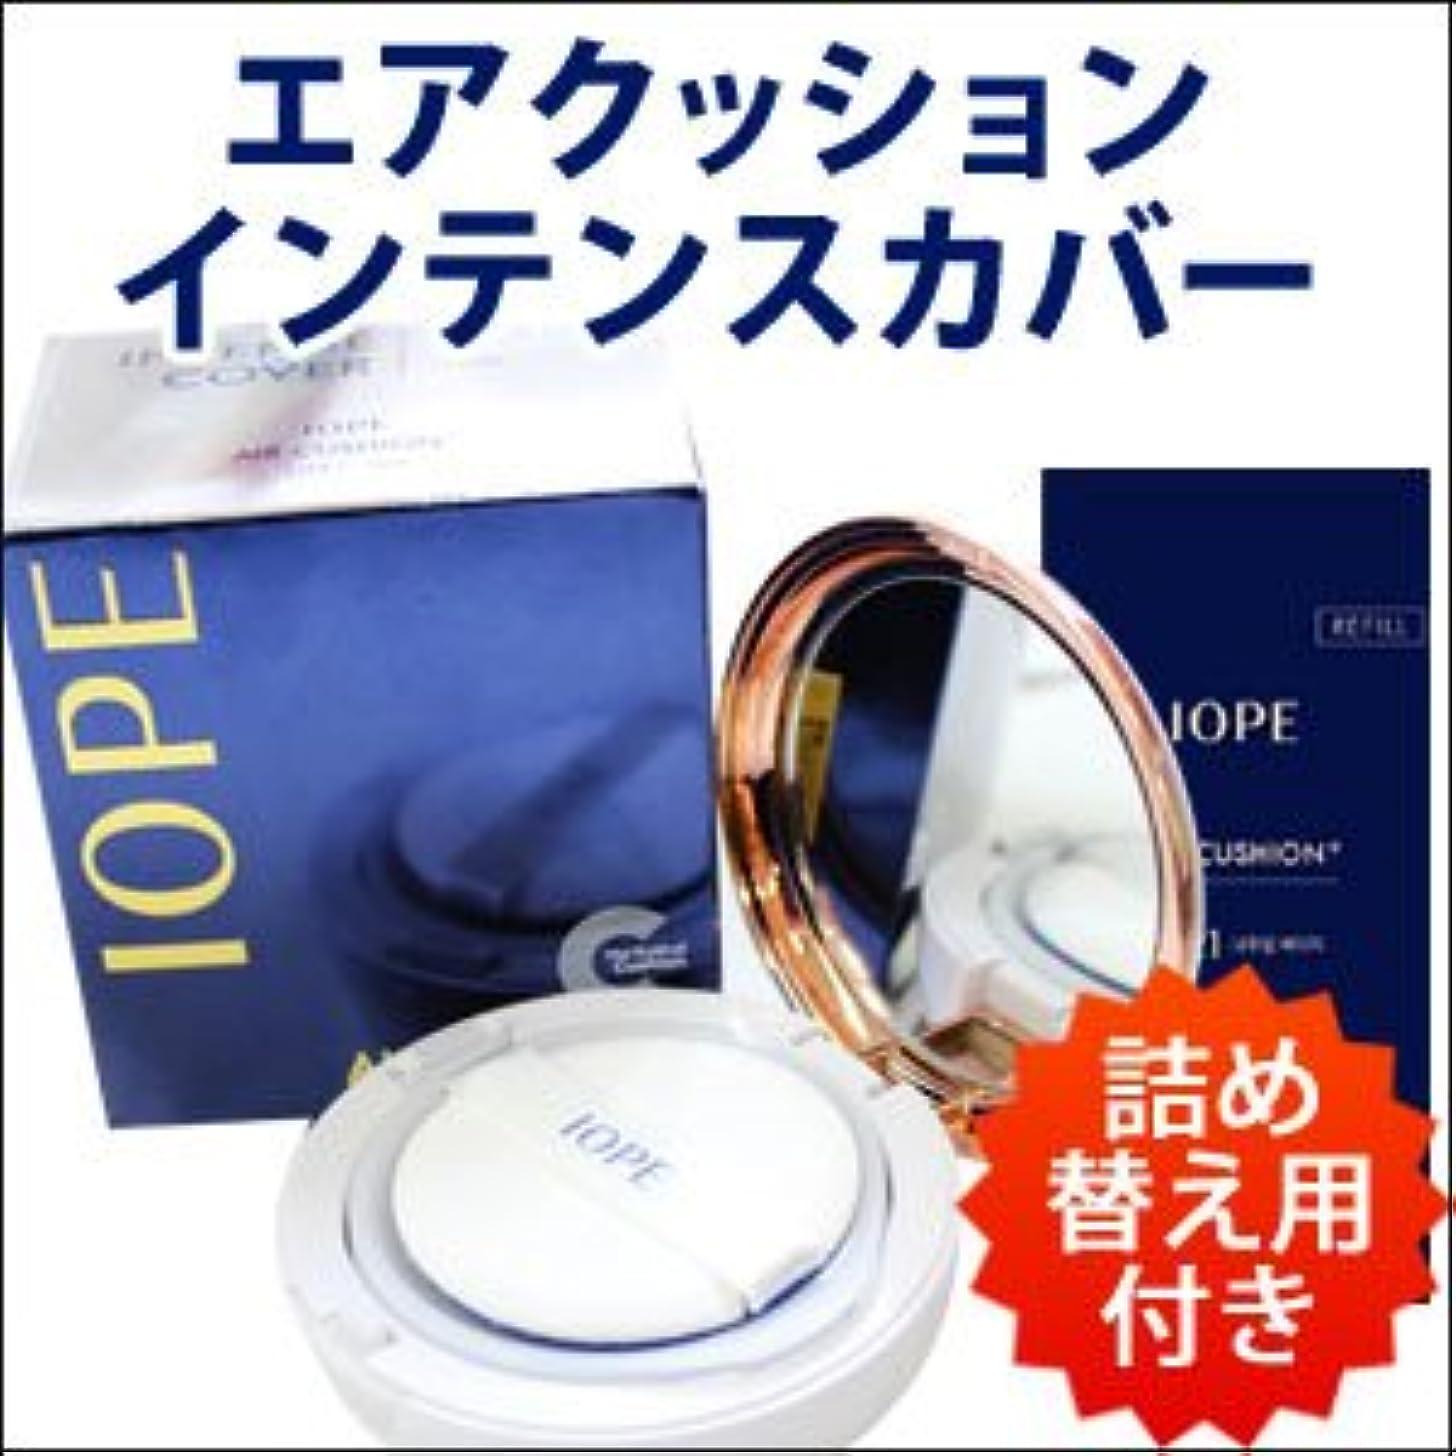 ルール過激派達成IOPE アイオペ エアクッション インテンス カバー SPF50/PA+++ 詰め替え用付き